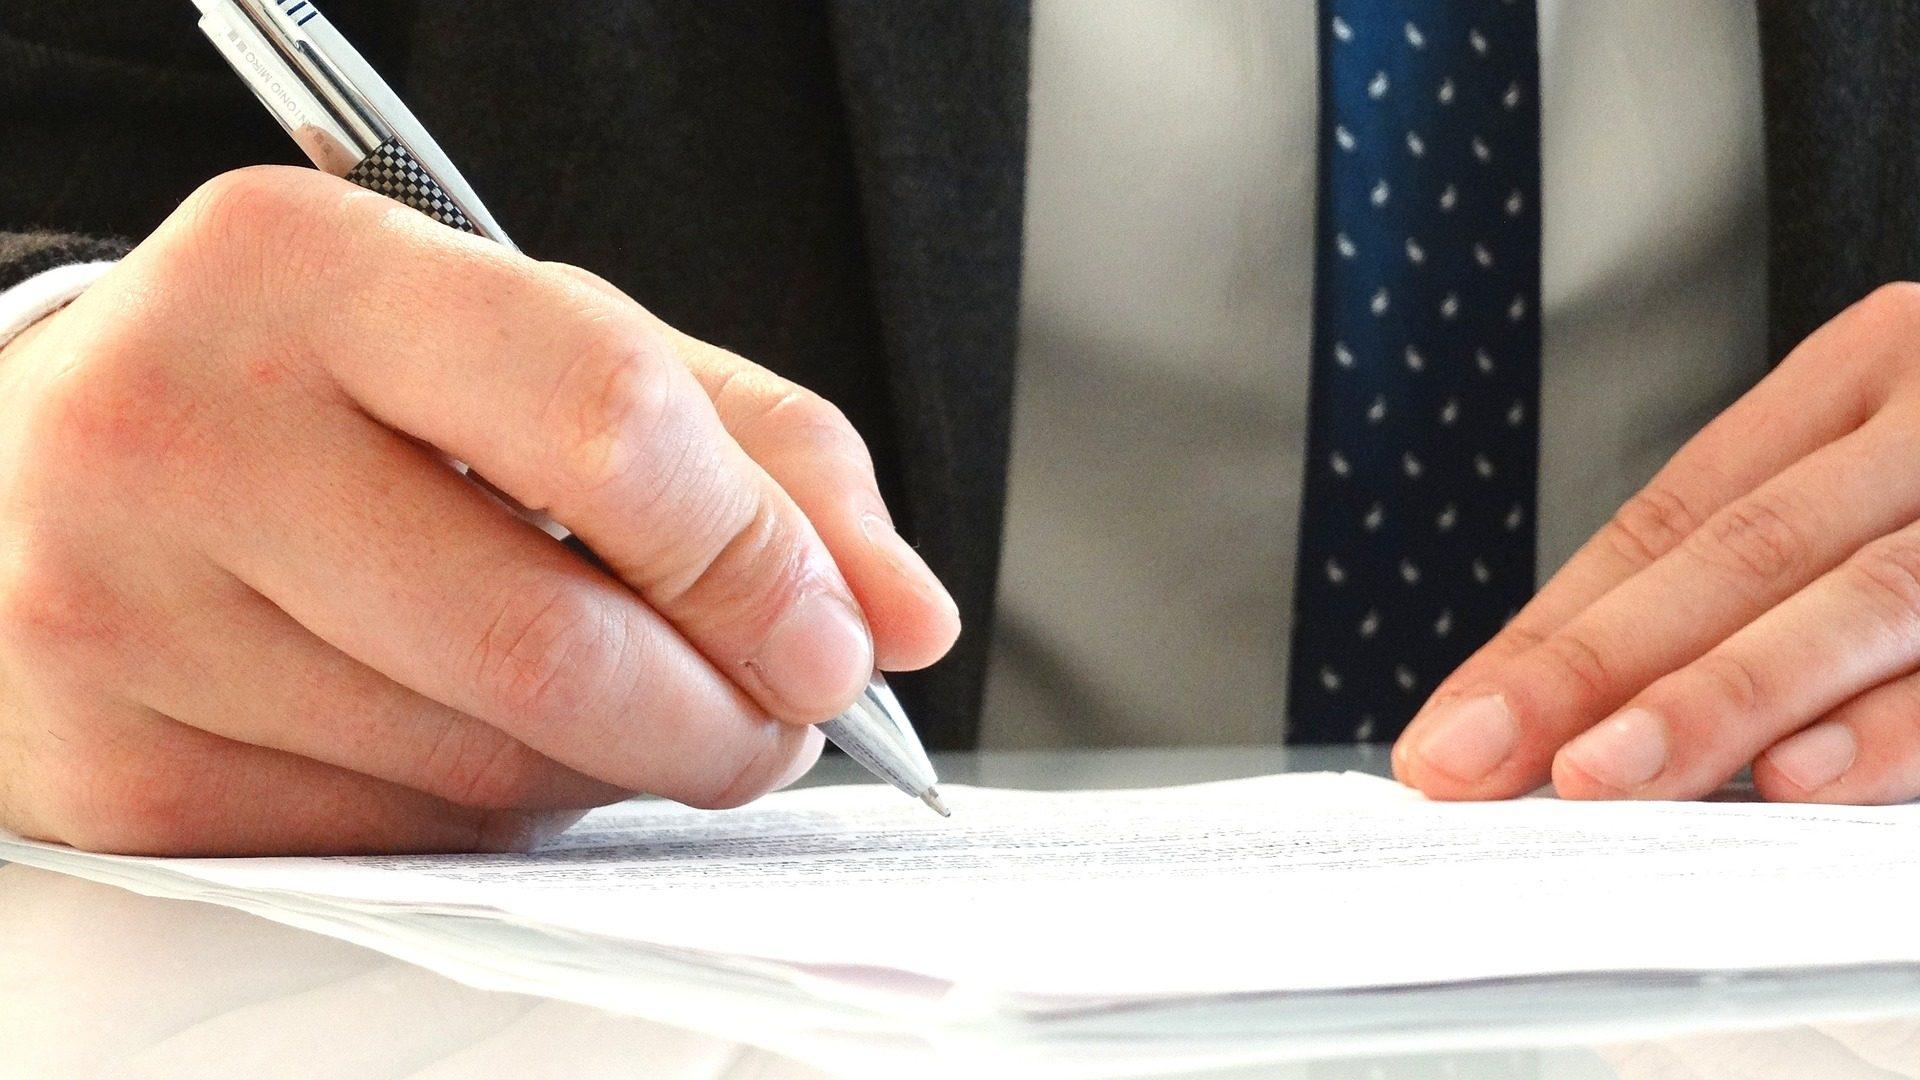 הפיקוח על הביטוח הדני הורה על הפסקת פעילות של מבטח